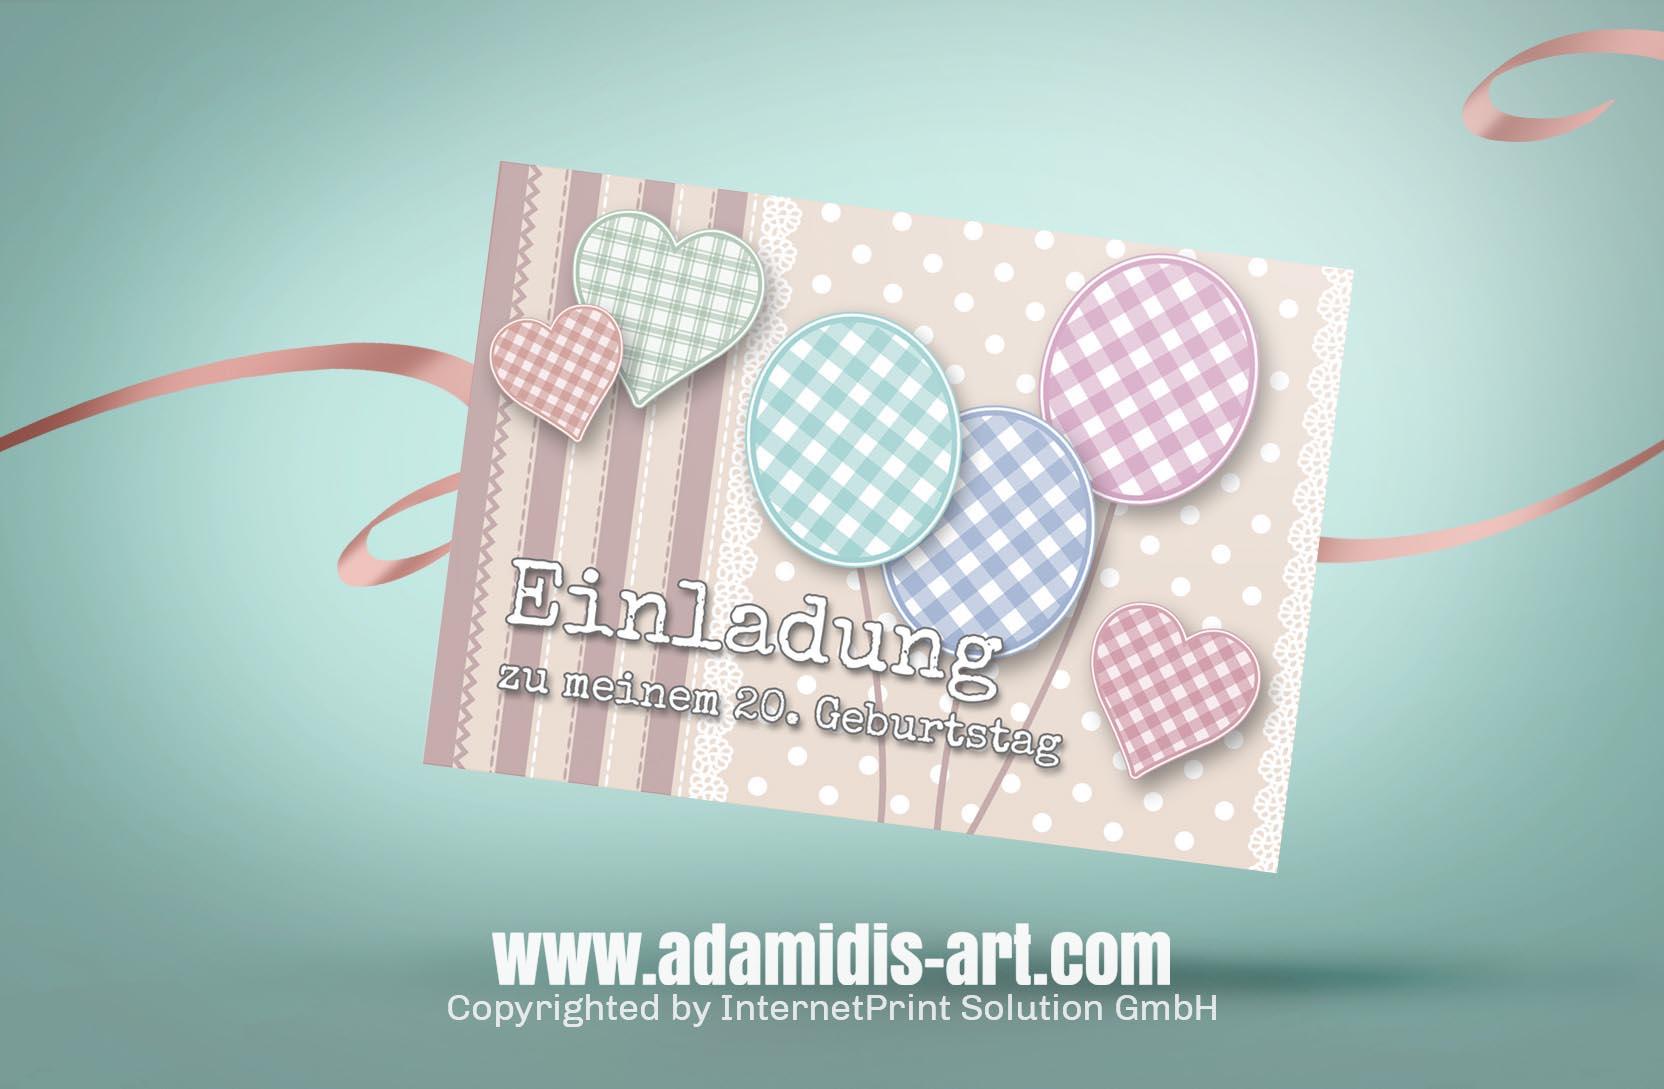 Graphic Design - Michael Adamidis Art & Design -